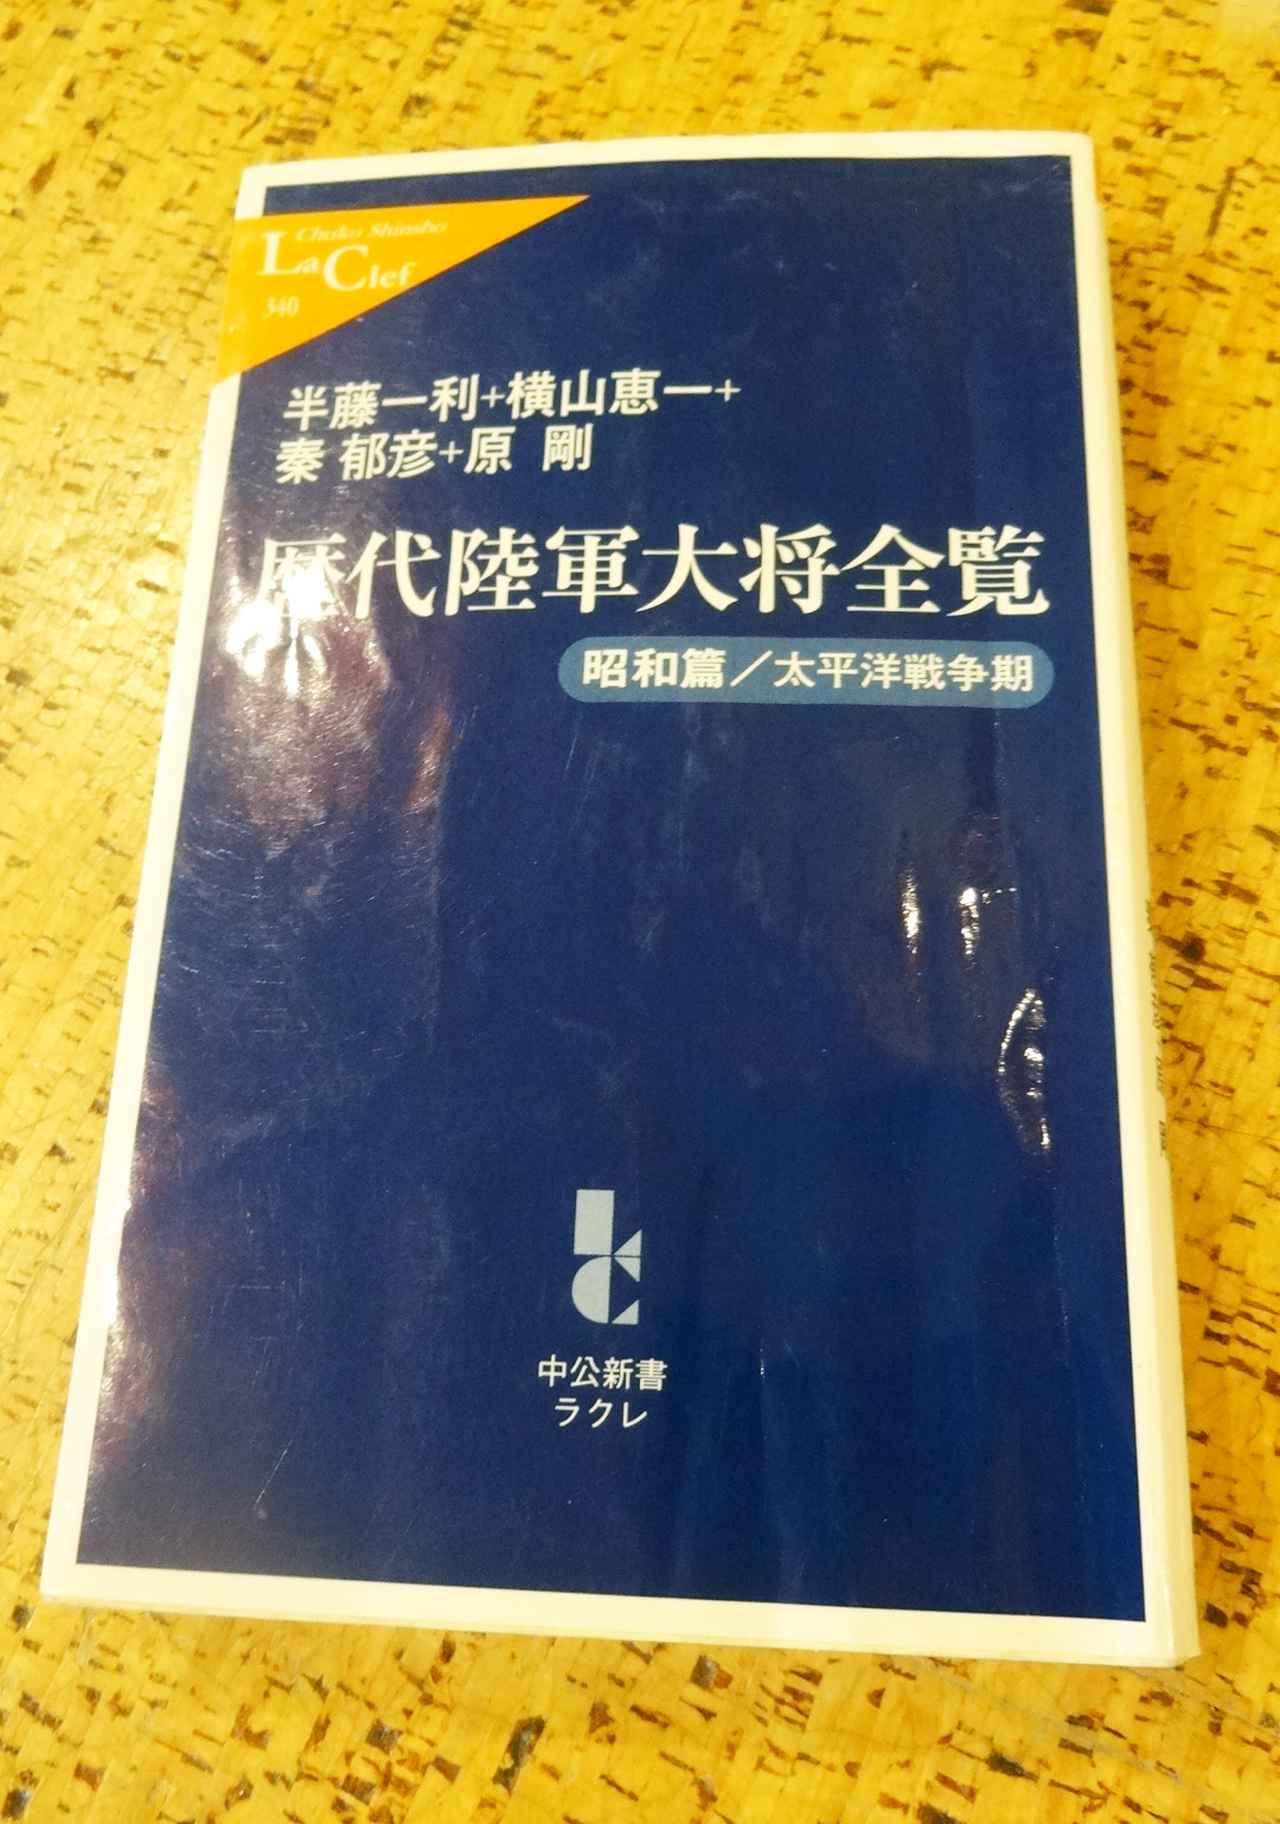 画像1: 永遠の図書室通信 第17話「日本陸軍・参謀」